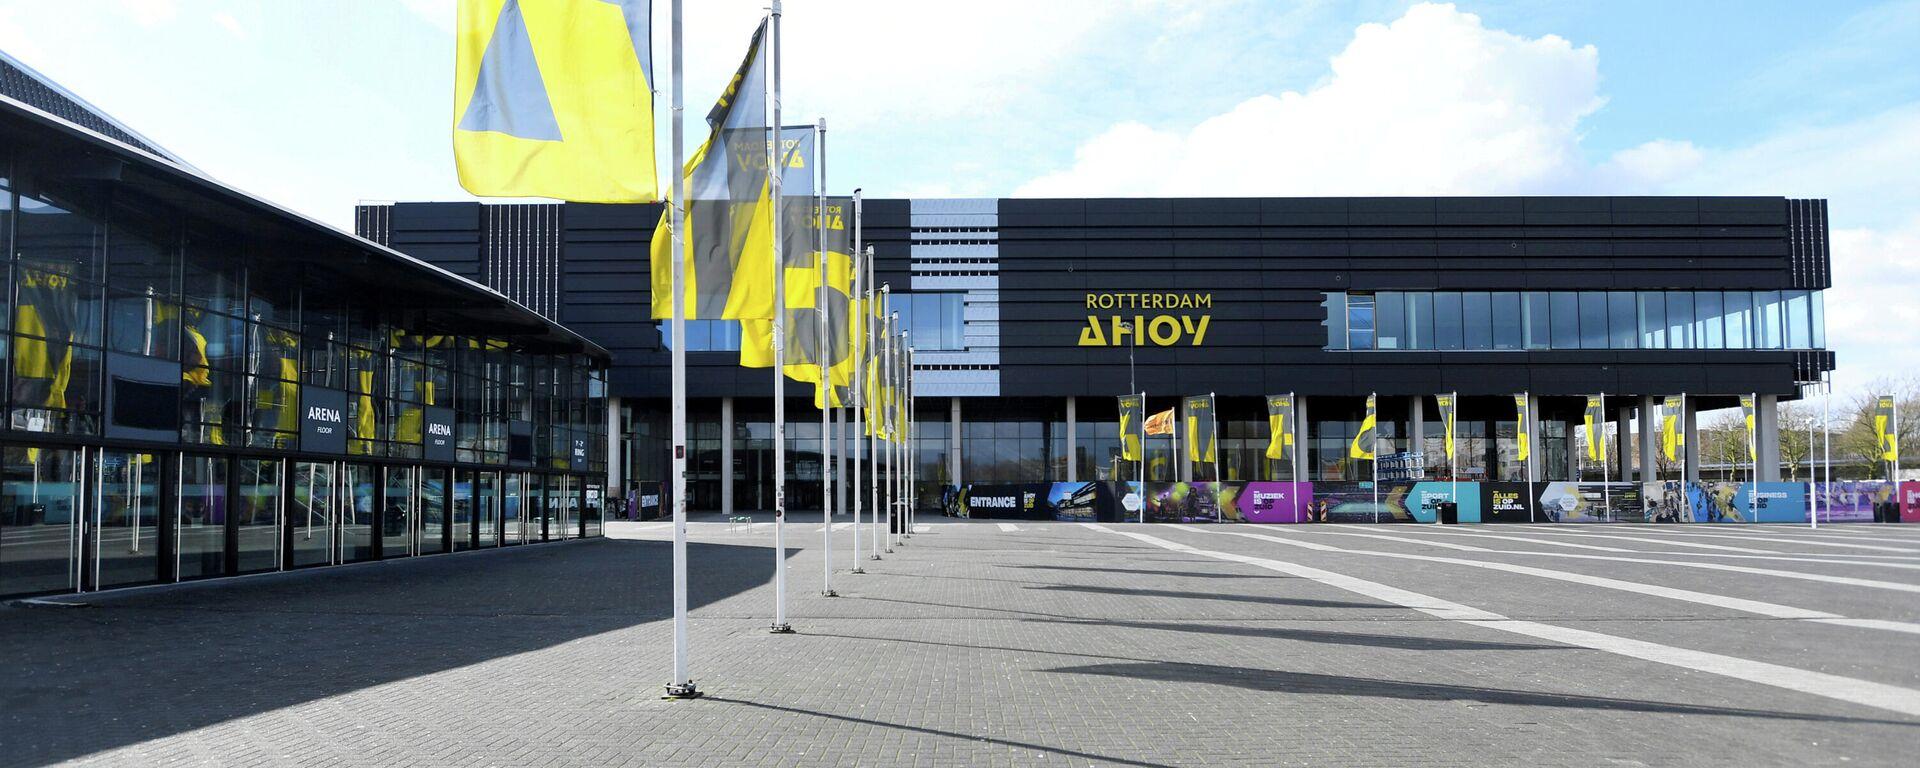 El lugar de la celebración del Festival de la Canción Eurovisión 2021 en Países Bajos - Sputnik Mundo, 1920, 06.04.2021